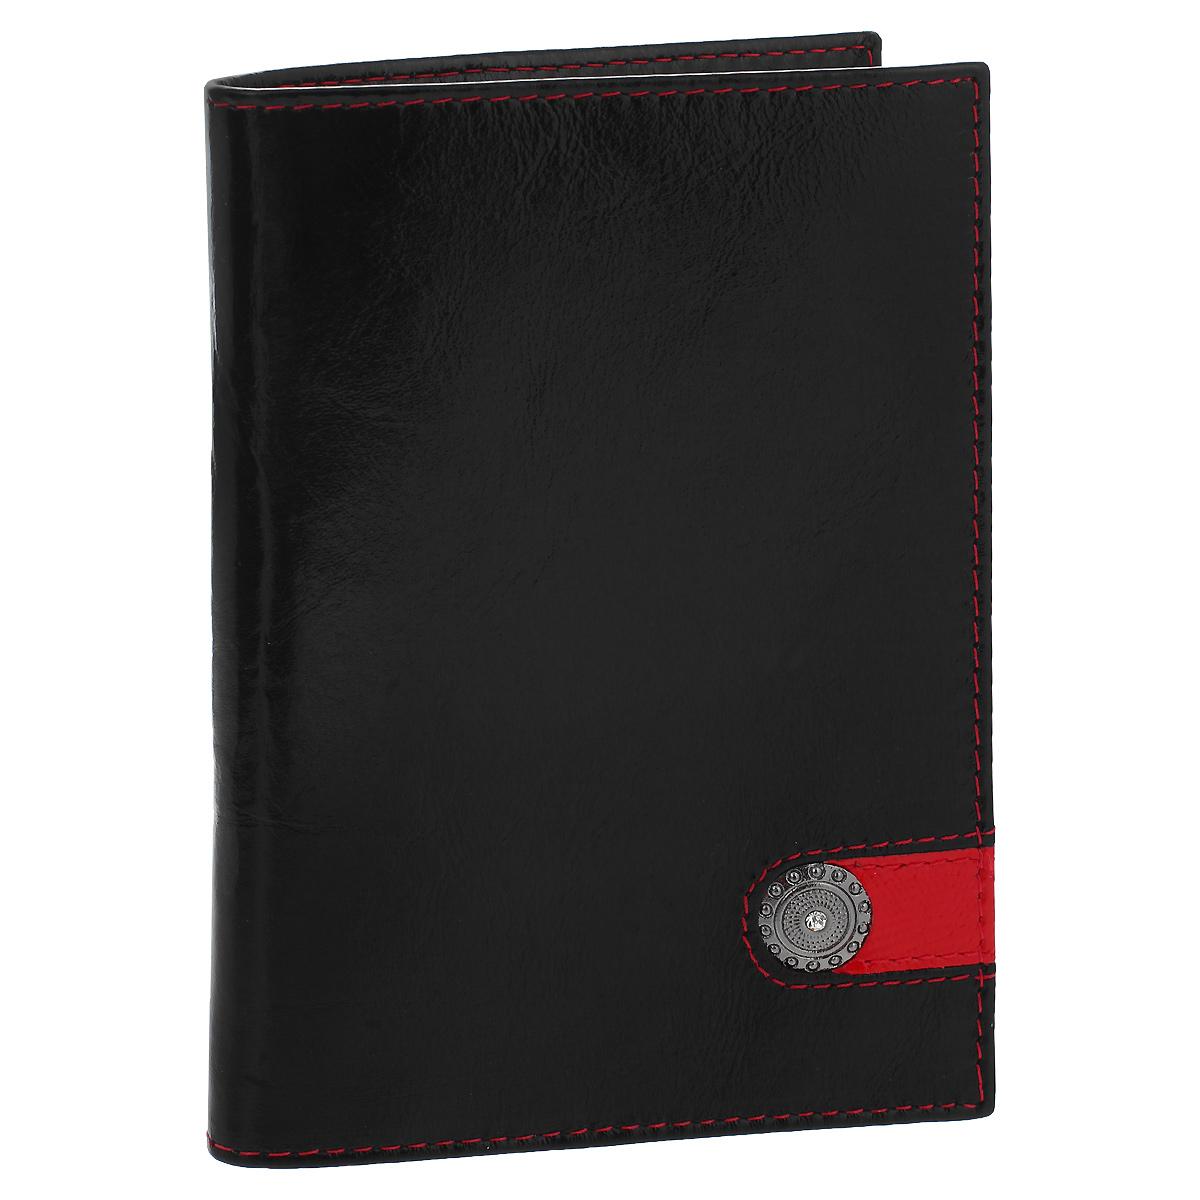 Обложка для паспорта Dimanche Panthere Noire, цвет: черный. 320320Обложка для паспорта Panthere Noire выполнена из натуральной кожи с глянцевой поверхностью и оформлен декоративным металлическим элементом со стразой. На внутреннем развороте - два кармашка из прозрачного пластика. Обложка не только поможет сохранить внешний вид ваших документов и защитит их от повреждений, но и станет стильным аксессуаром, который подчеркнет ваш неповторимый стиль. Обложка упакована в коробку из плотного картона с логотипом фирмы. Характеристики: Материал: натуральная кожа, ПВХ. Цвет: черный. Размер обложки: 9,5 см х 13,5 см х 1,5 см.